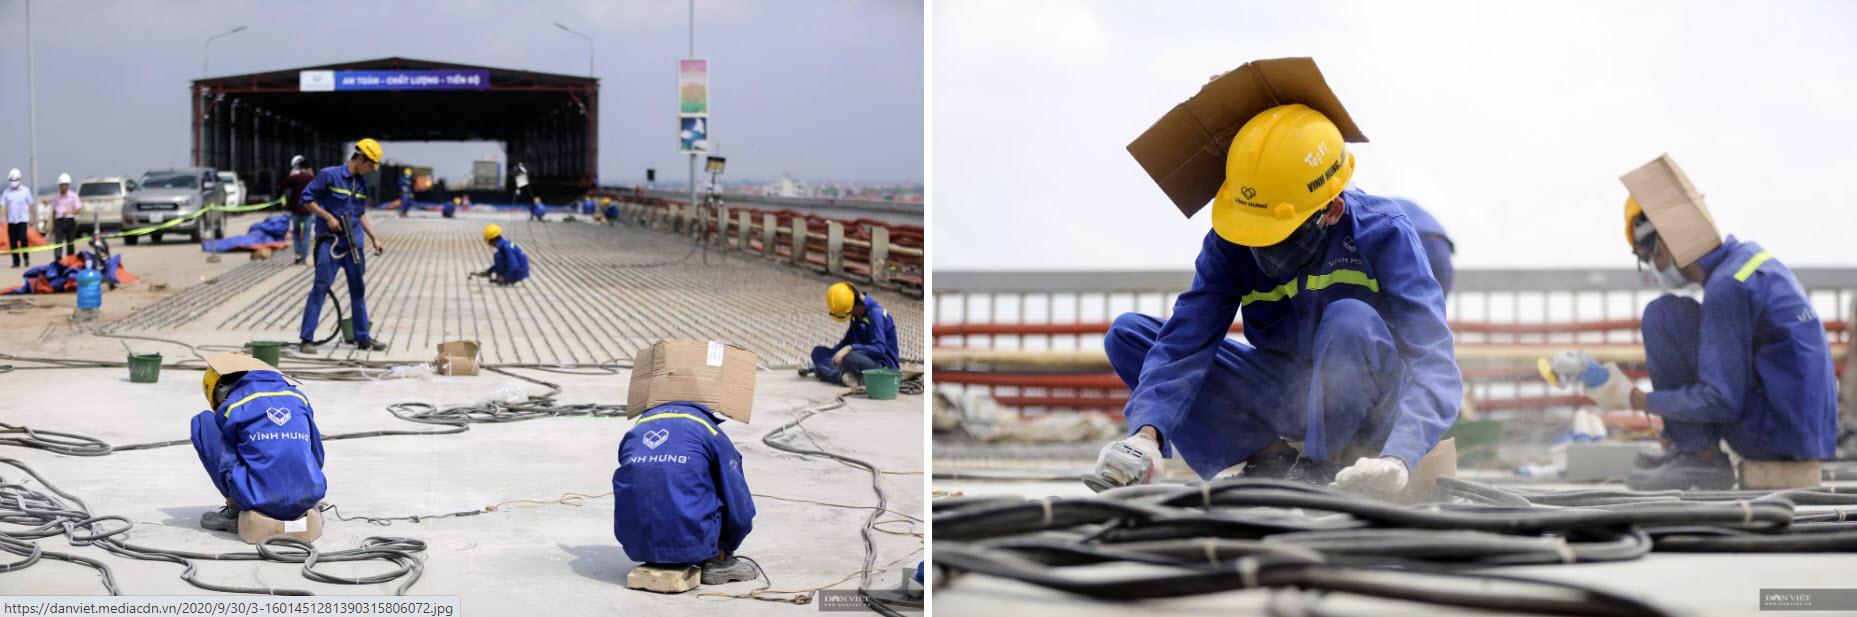 Emagazine: Ngày đêm hàn 1,5 triệu chiếc đinh lên mặt cầu Thăng Long - 7